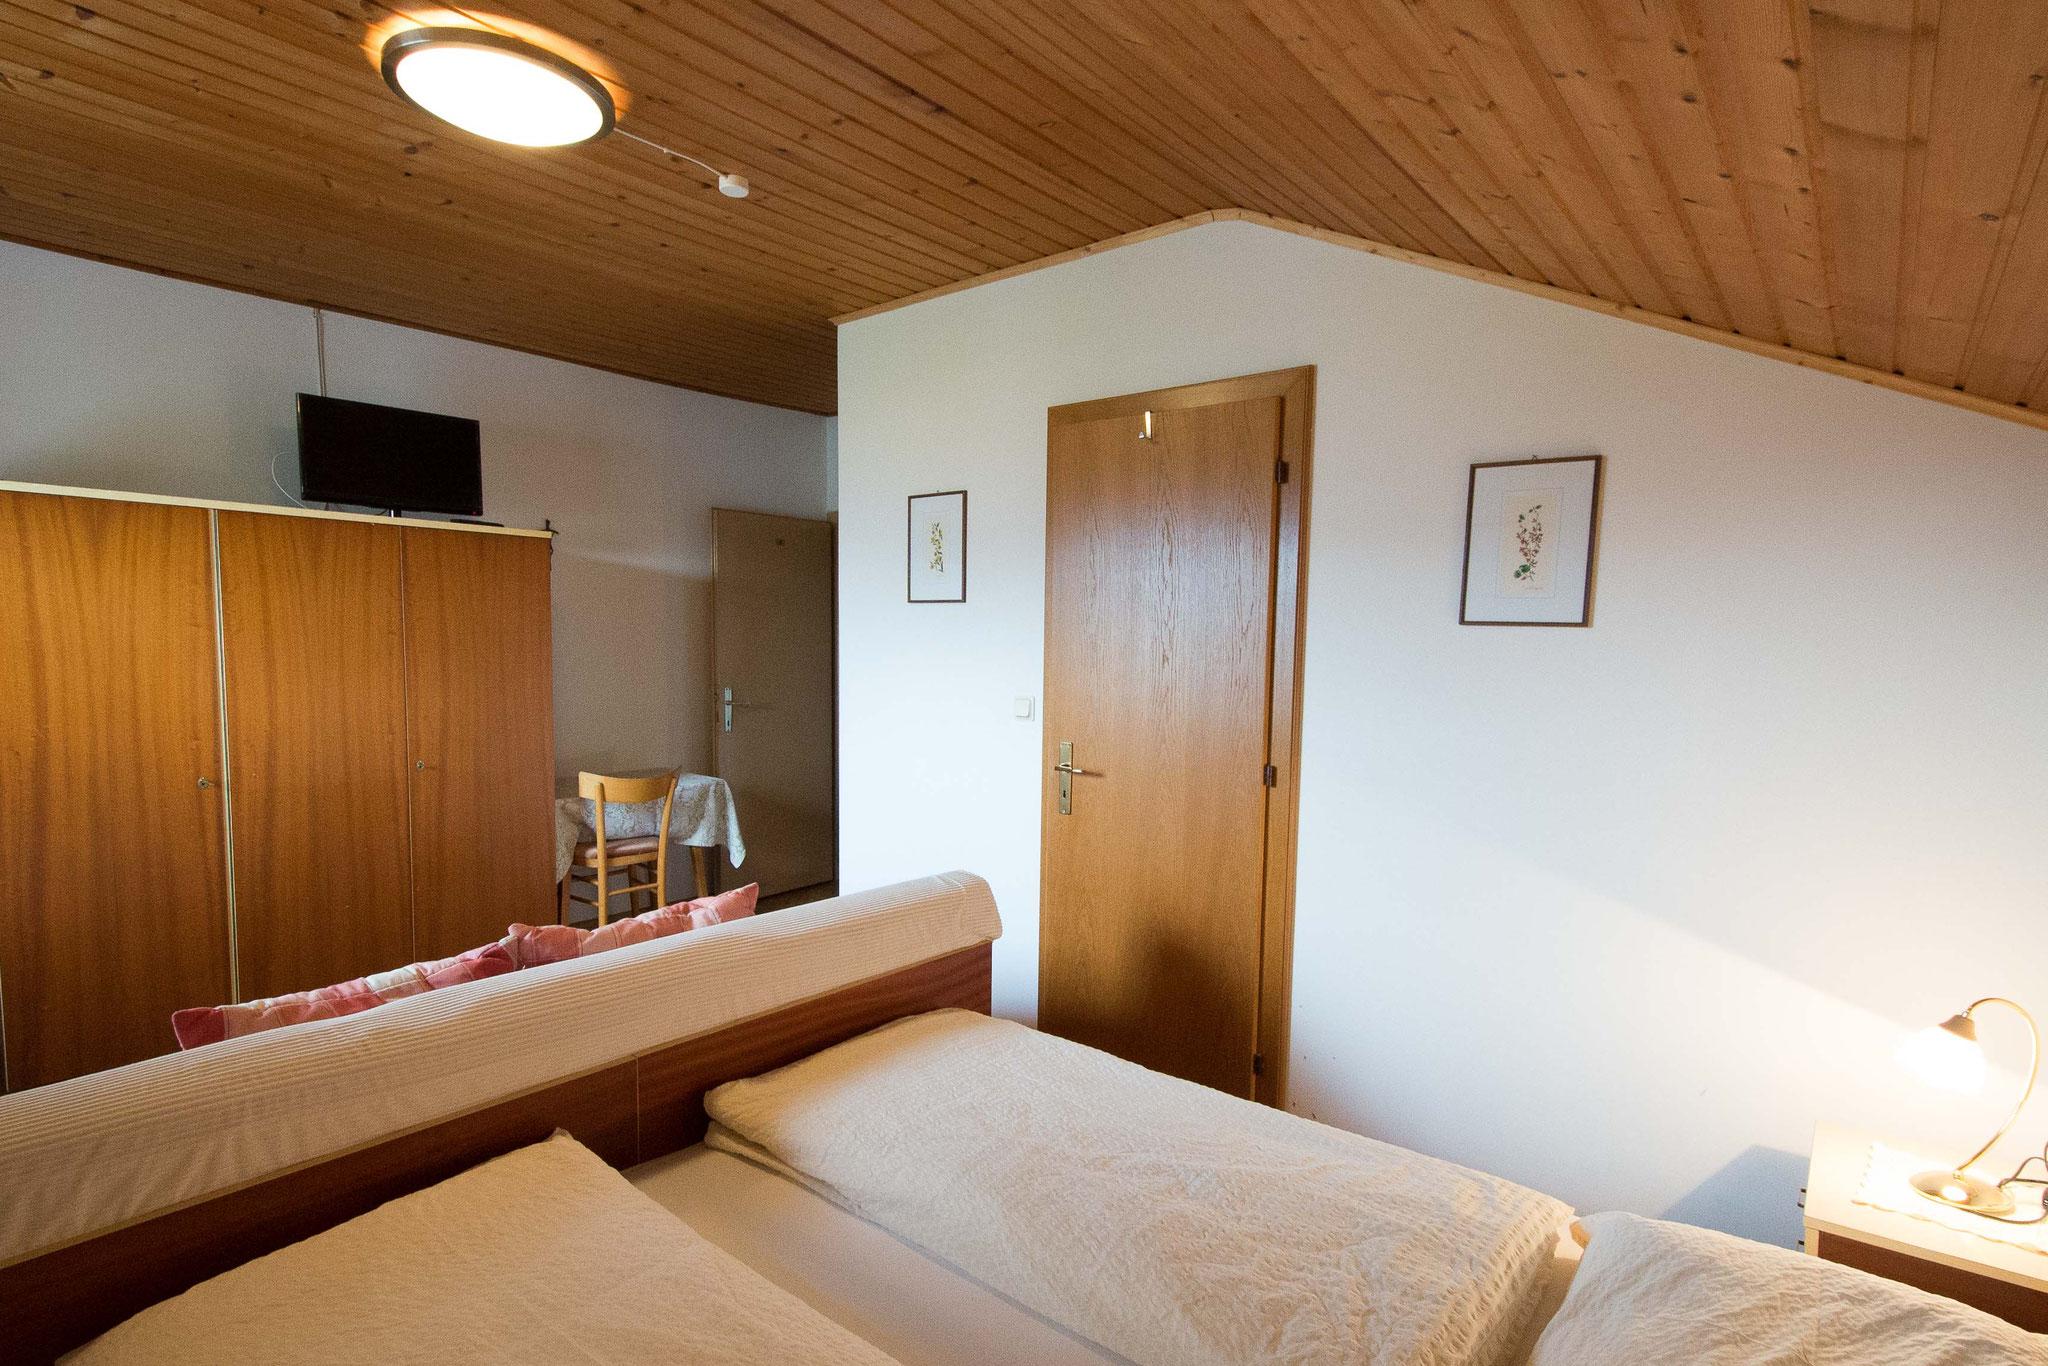 Blick vom Bett des Zimmers Nummer 5